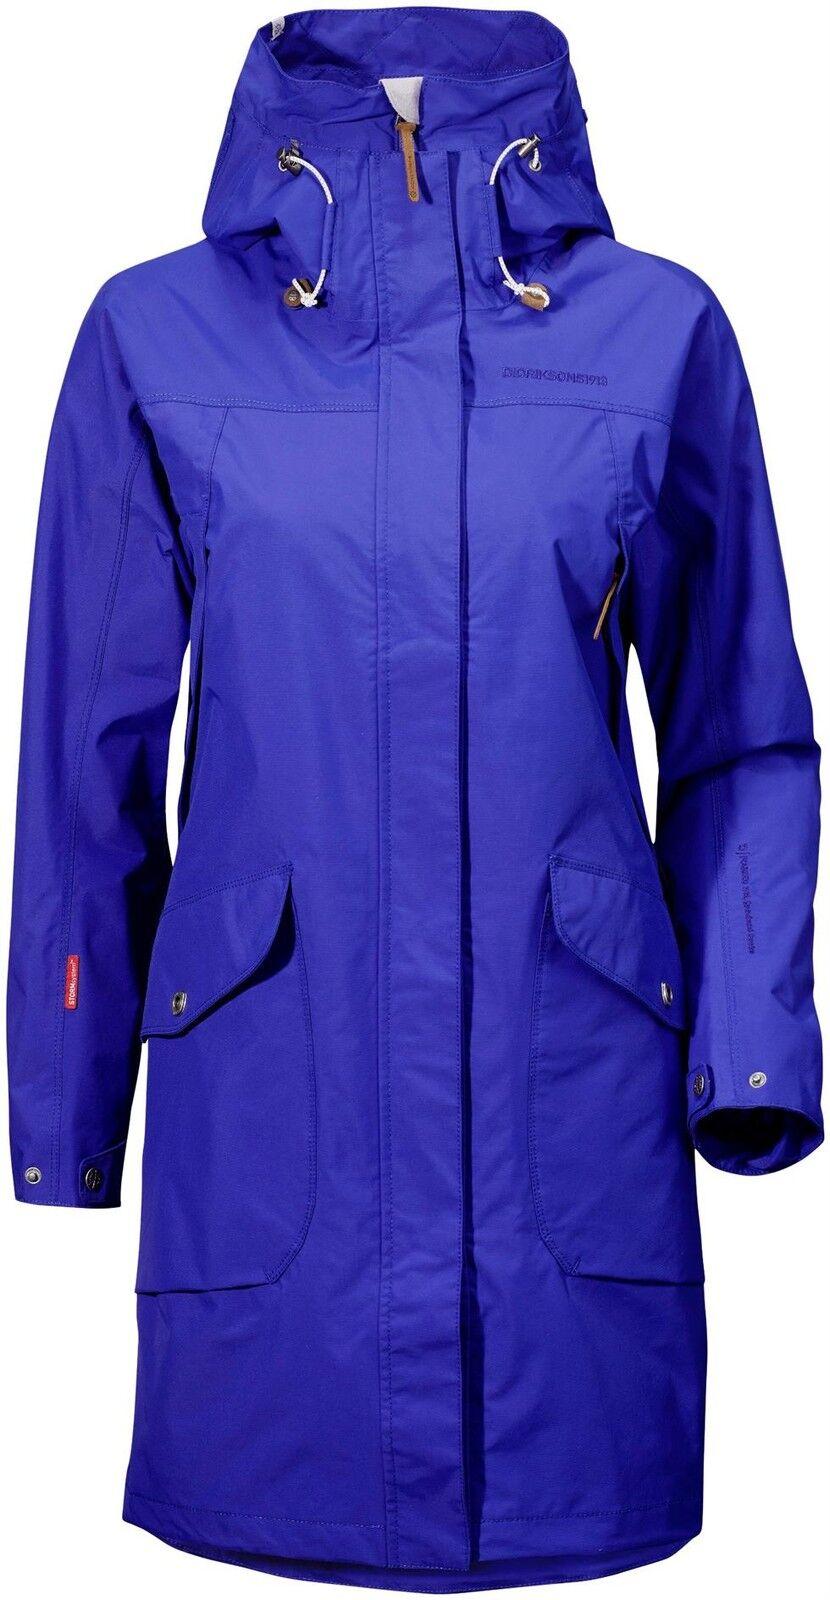 Didriksons Thelma damen Coat Coat Coat Waterproof Windproof Longer Length   | Qualität Produkt  | Guter weltweiter Ruf  | Sale  | Hervorragende Eigenschaften  | Sale Düsseldorf  308ea3